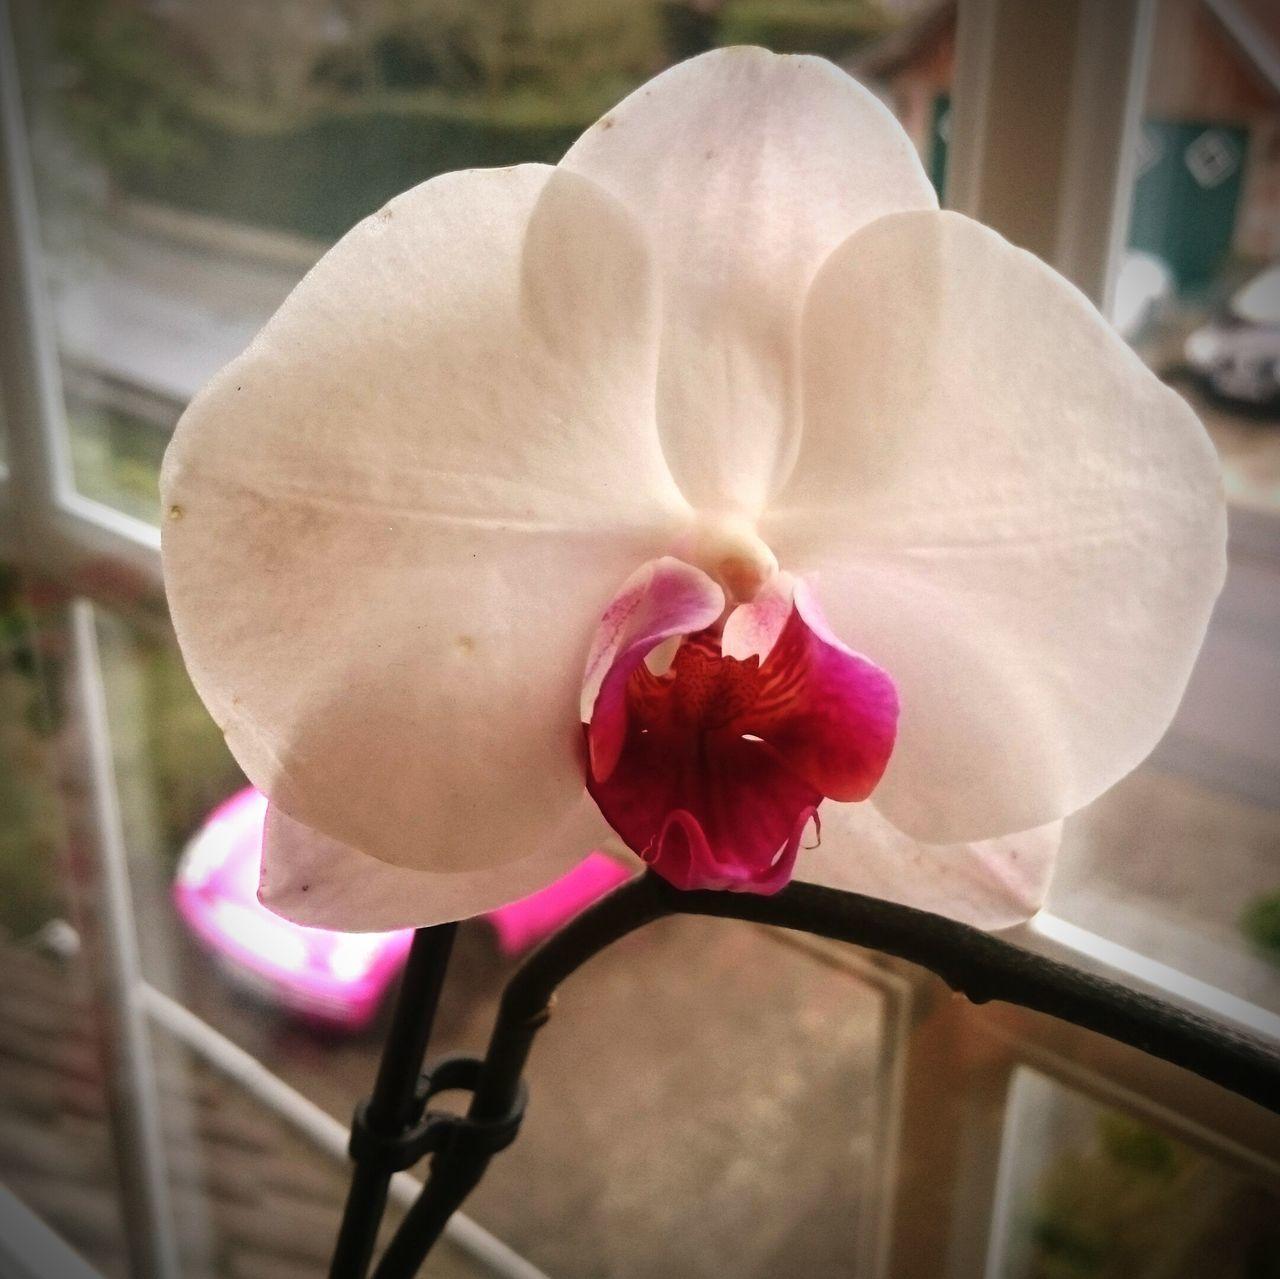 Orchidee Blume Rosa Fenster Nahaufnahme Nah Planzen Blumenwelt